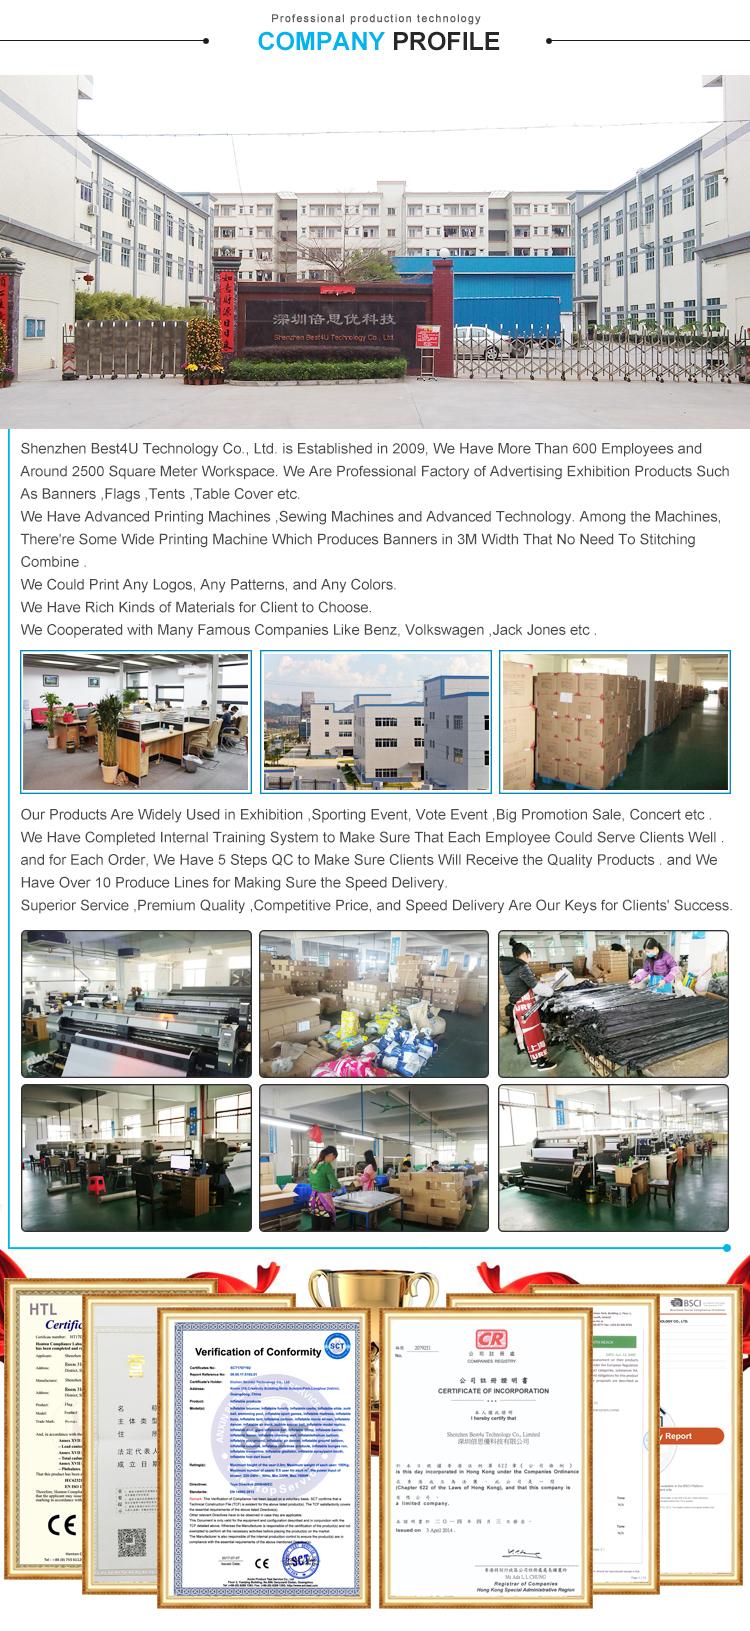 N1231 トップ販売プロモーション製品低 MOQ Publicidad ドミニカ共和国フラグメーカー中国